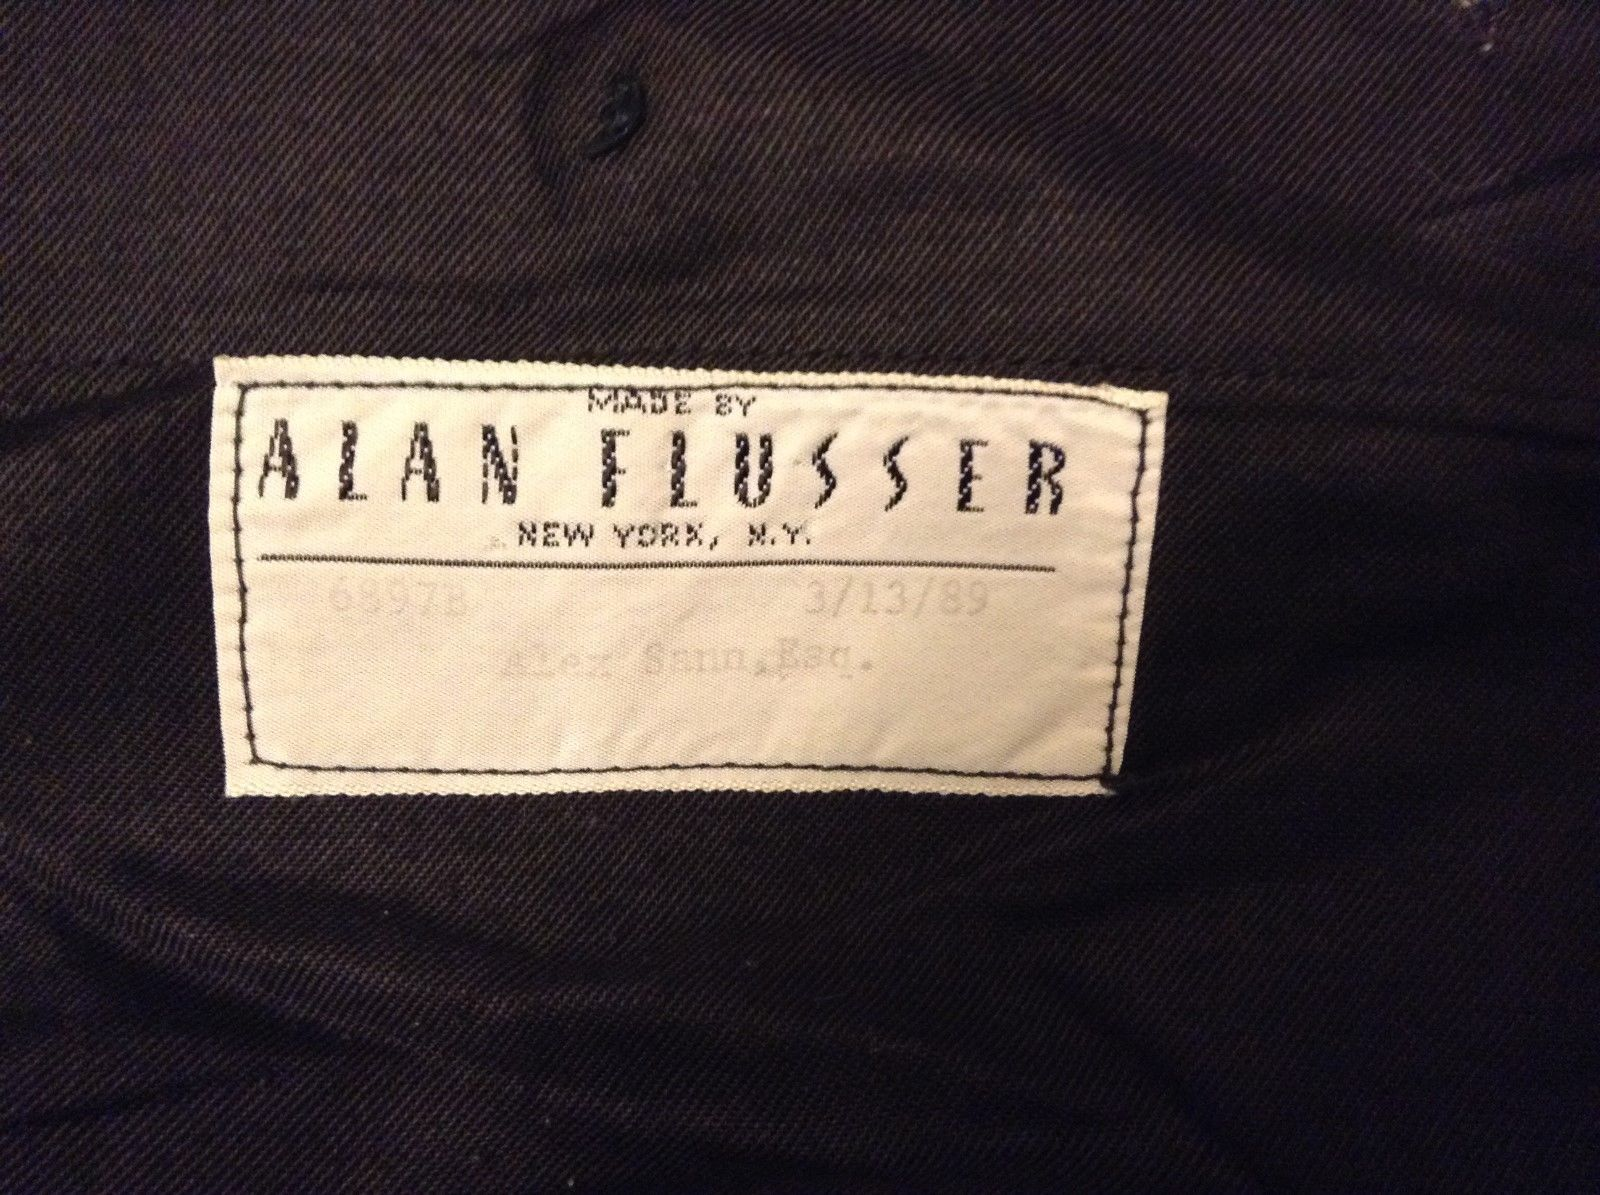 Handmade Black White Lt Blue Men's Dress Pants by Alan Flusser N.Y.